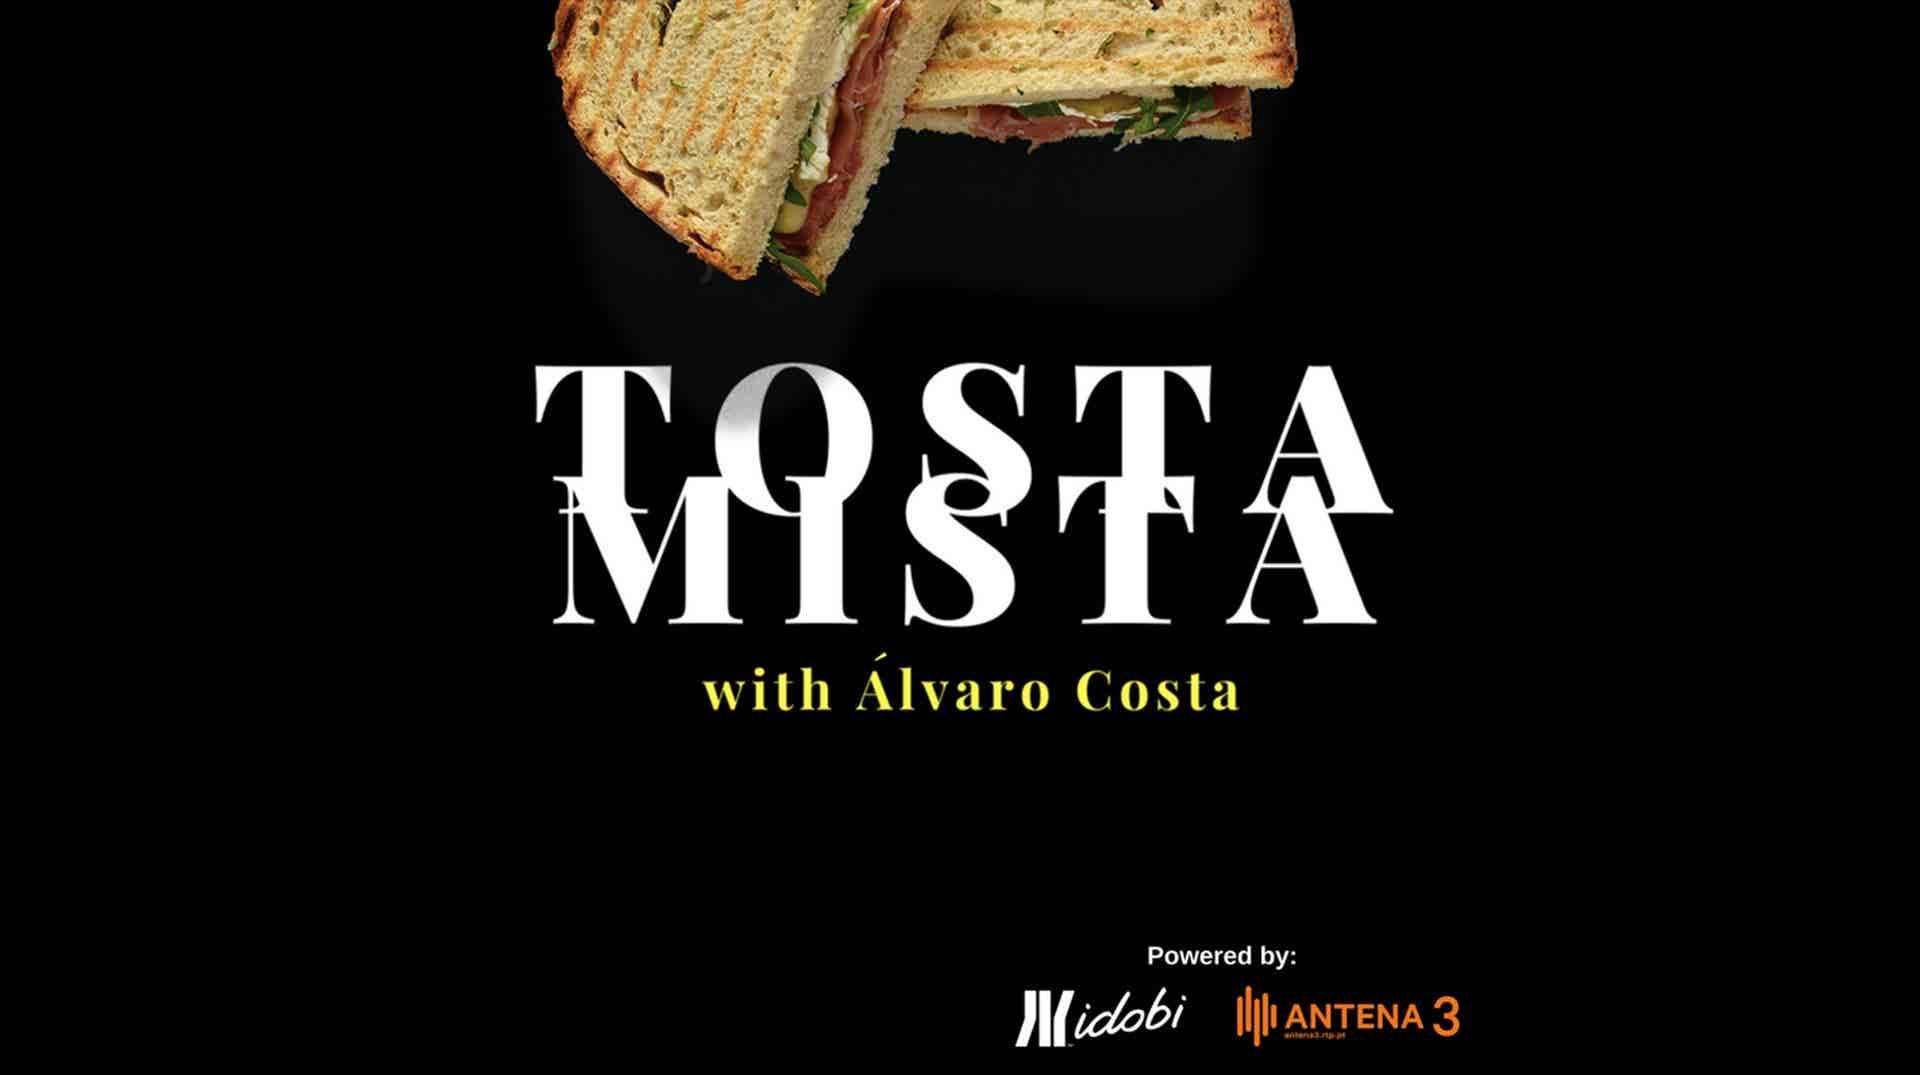 Tosta Mista